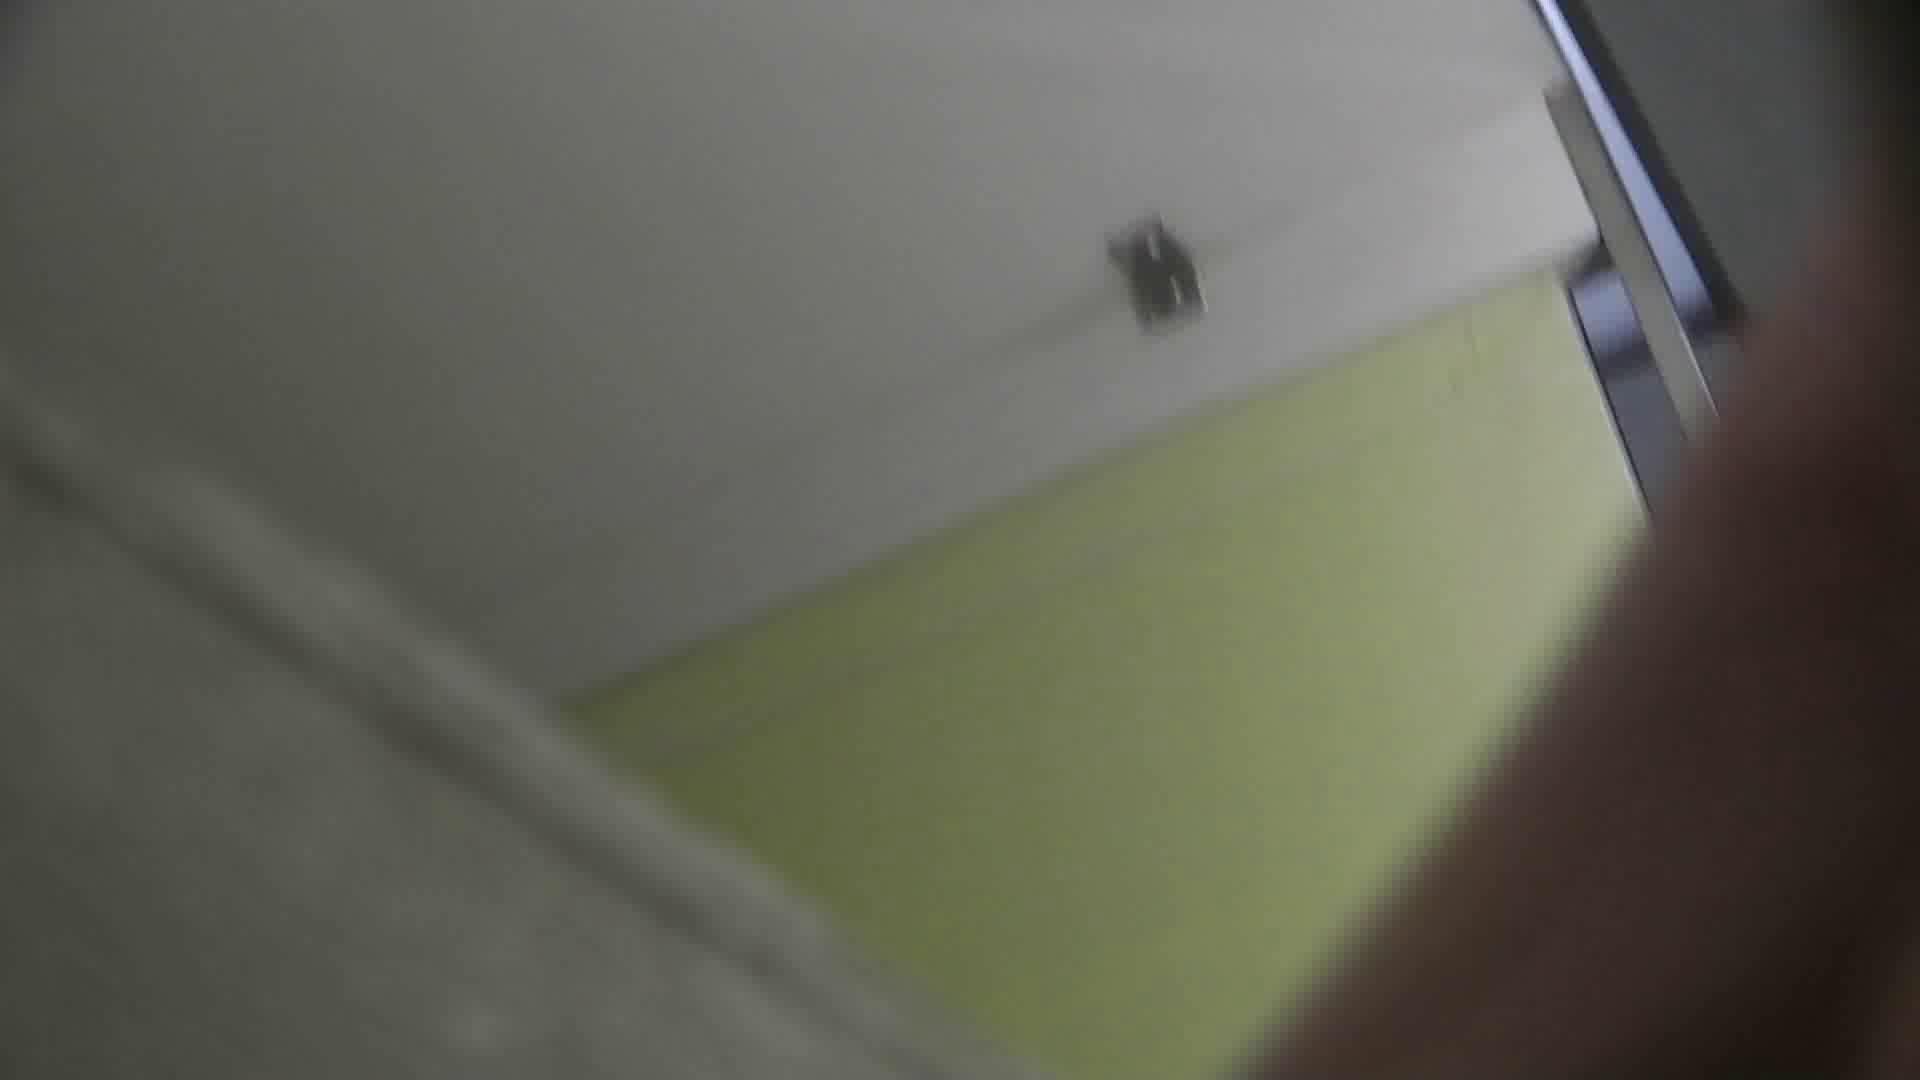 【美しき個室な世界】vol.015 特攻隊の軌跡 洗面所 おまんこ動画流出 79pic 3